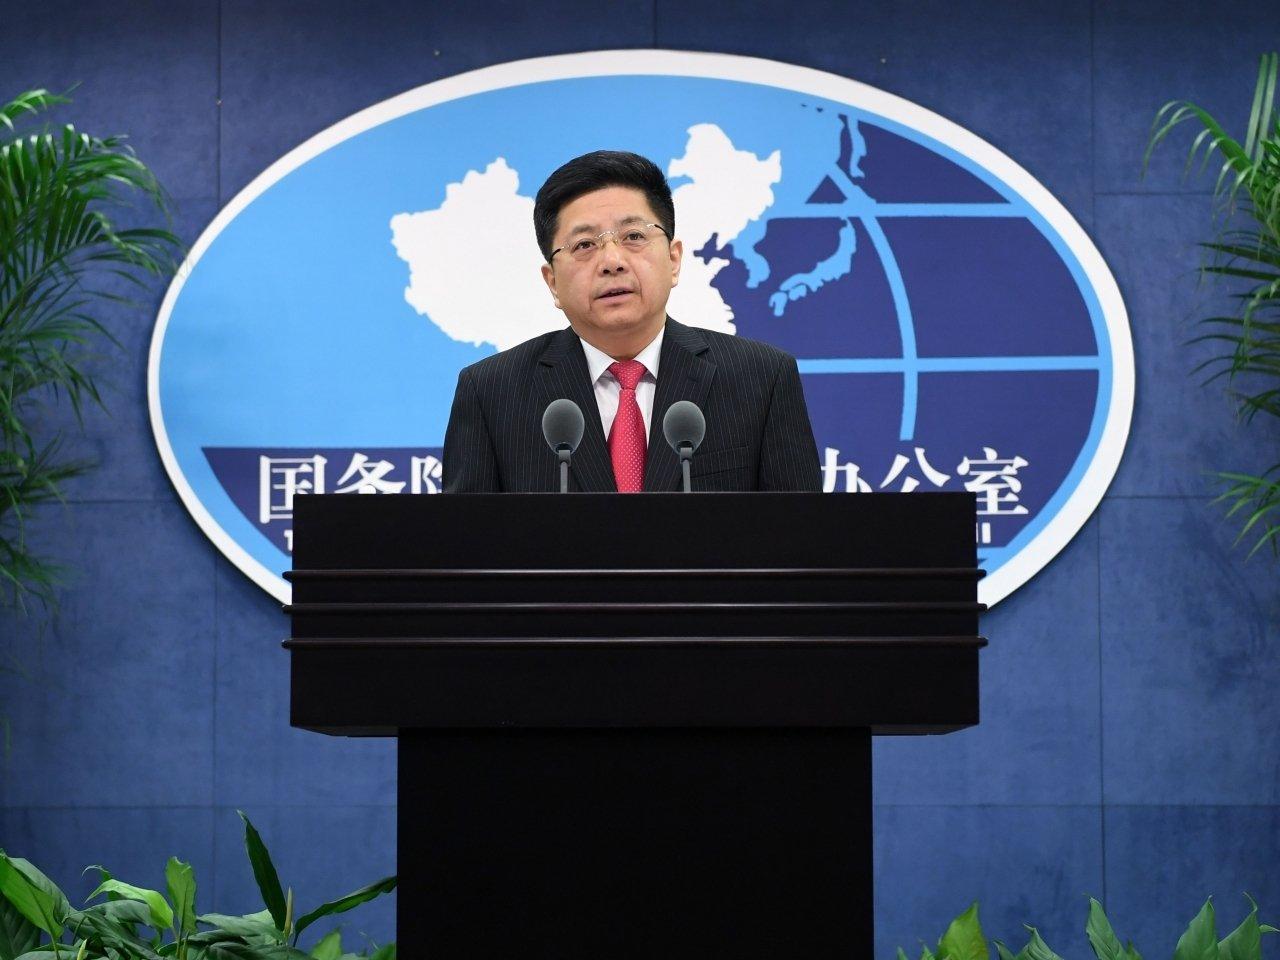 國台辦發言人馬曉光批評,台灣民進黨當局企圖破壞香港的繁榮穩定。 新華社圖片